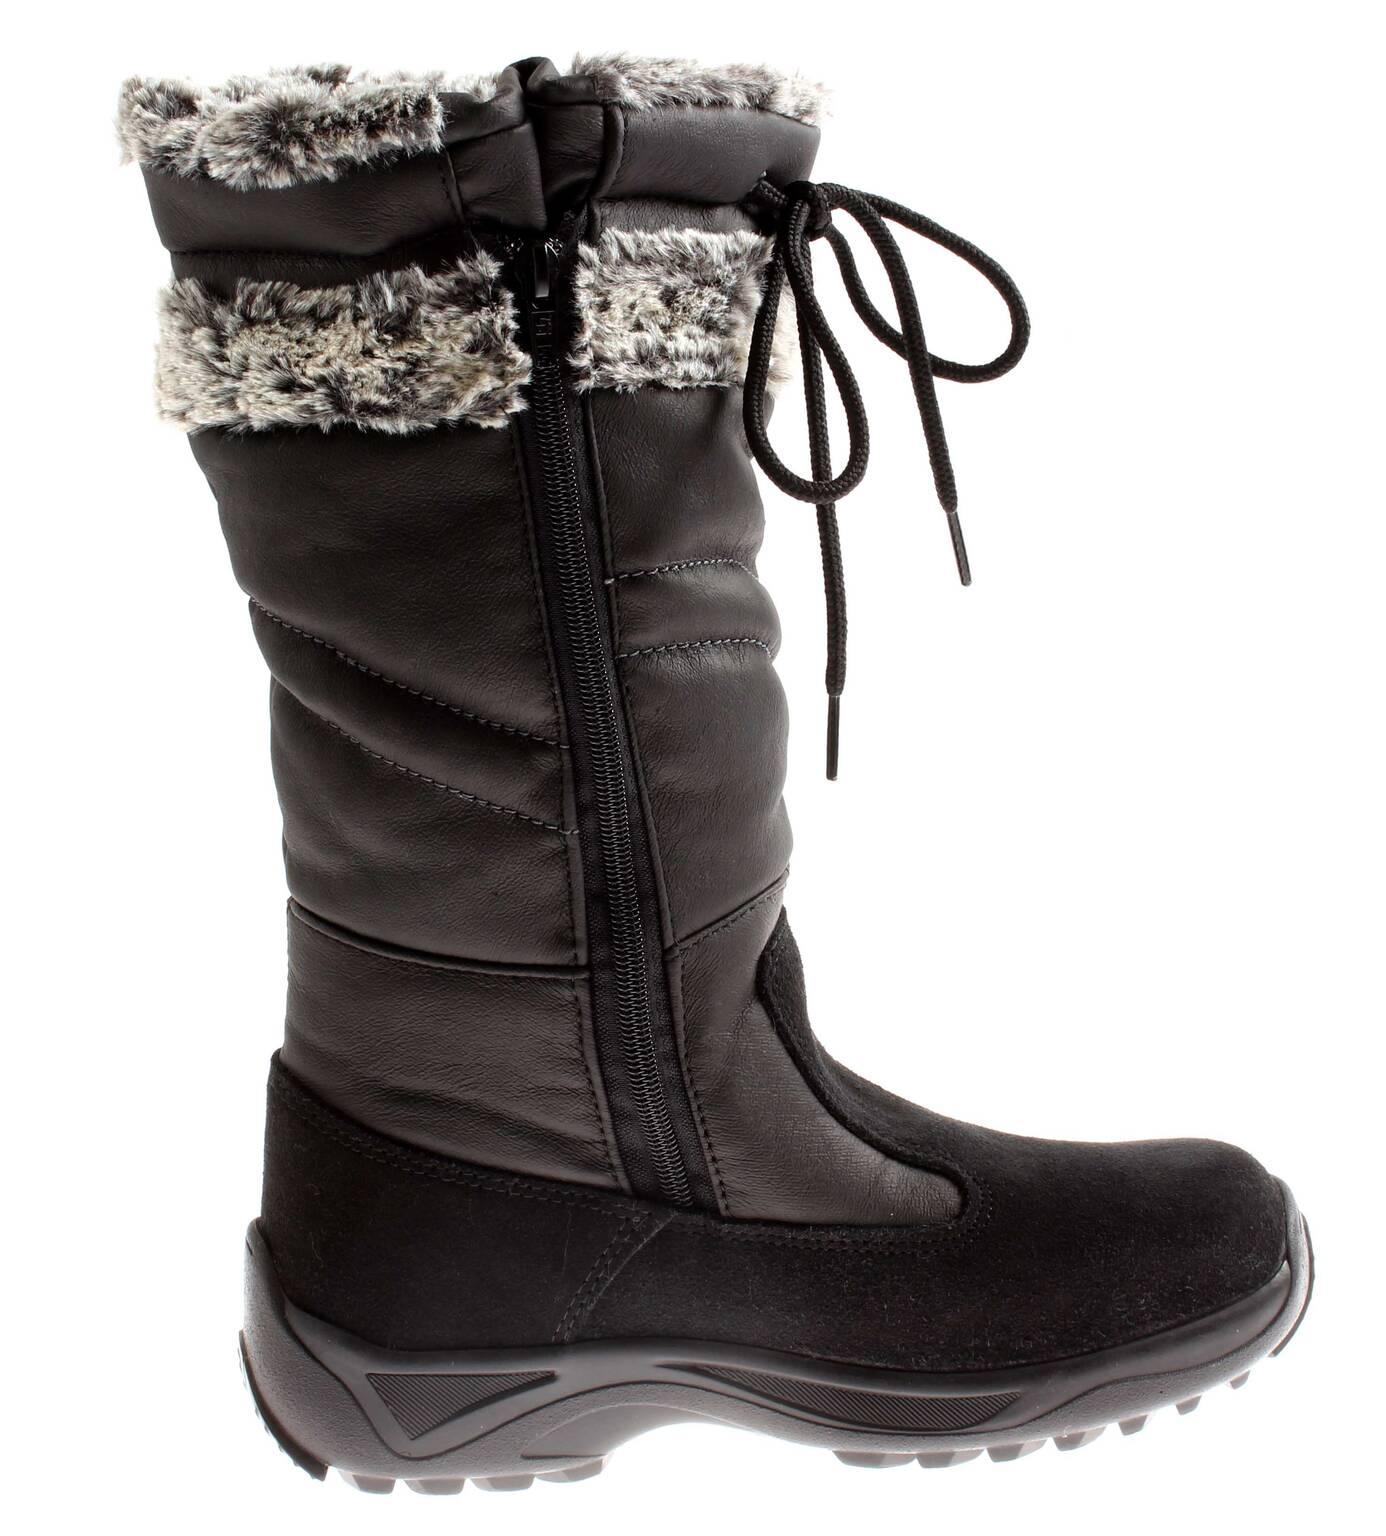 Lackner Lackner Lackner Bottes D'Hiver Hiver Boots Neige Bottes Chaussures Femmes Chaud Tamara 98089d